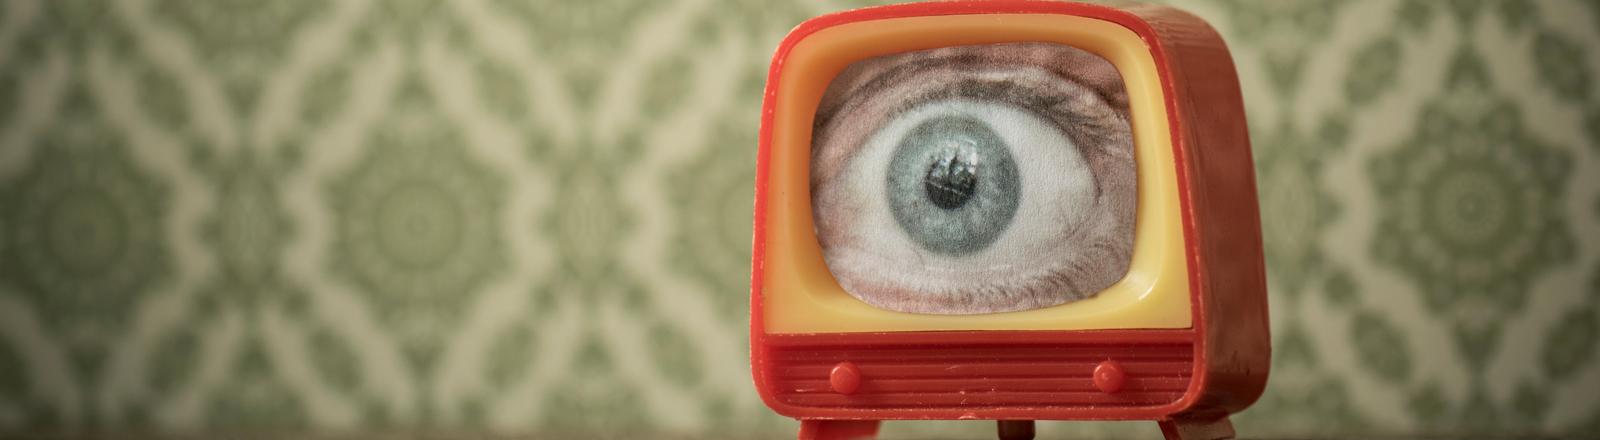 Ein Auge auf einem Fernseher